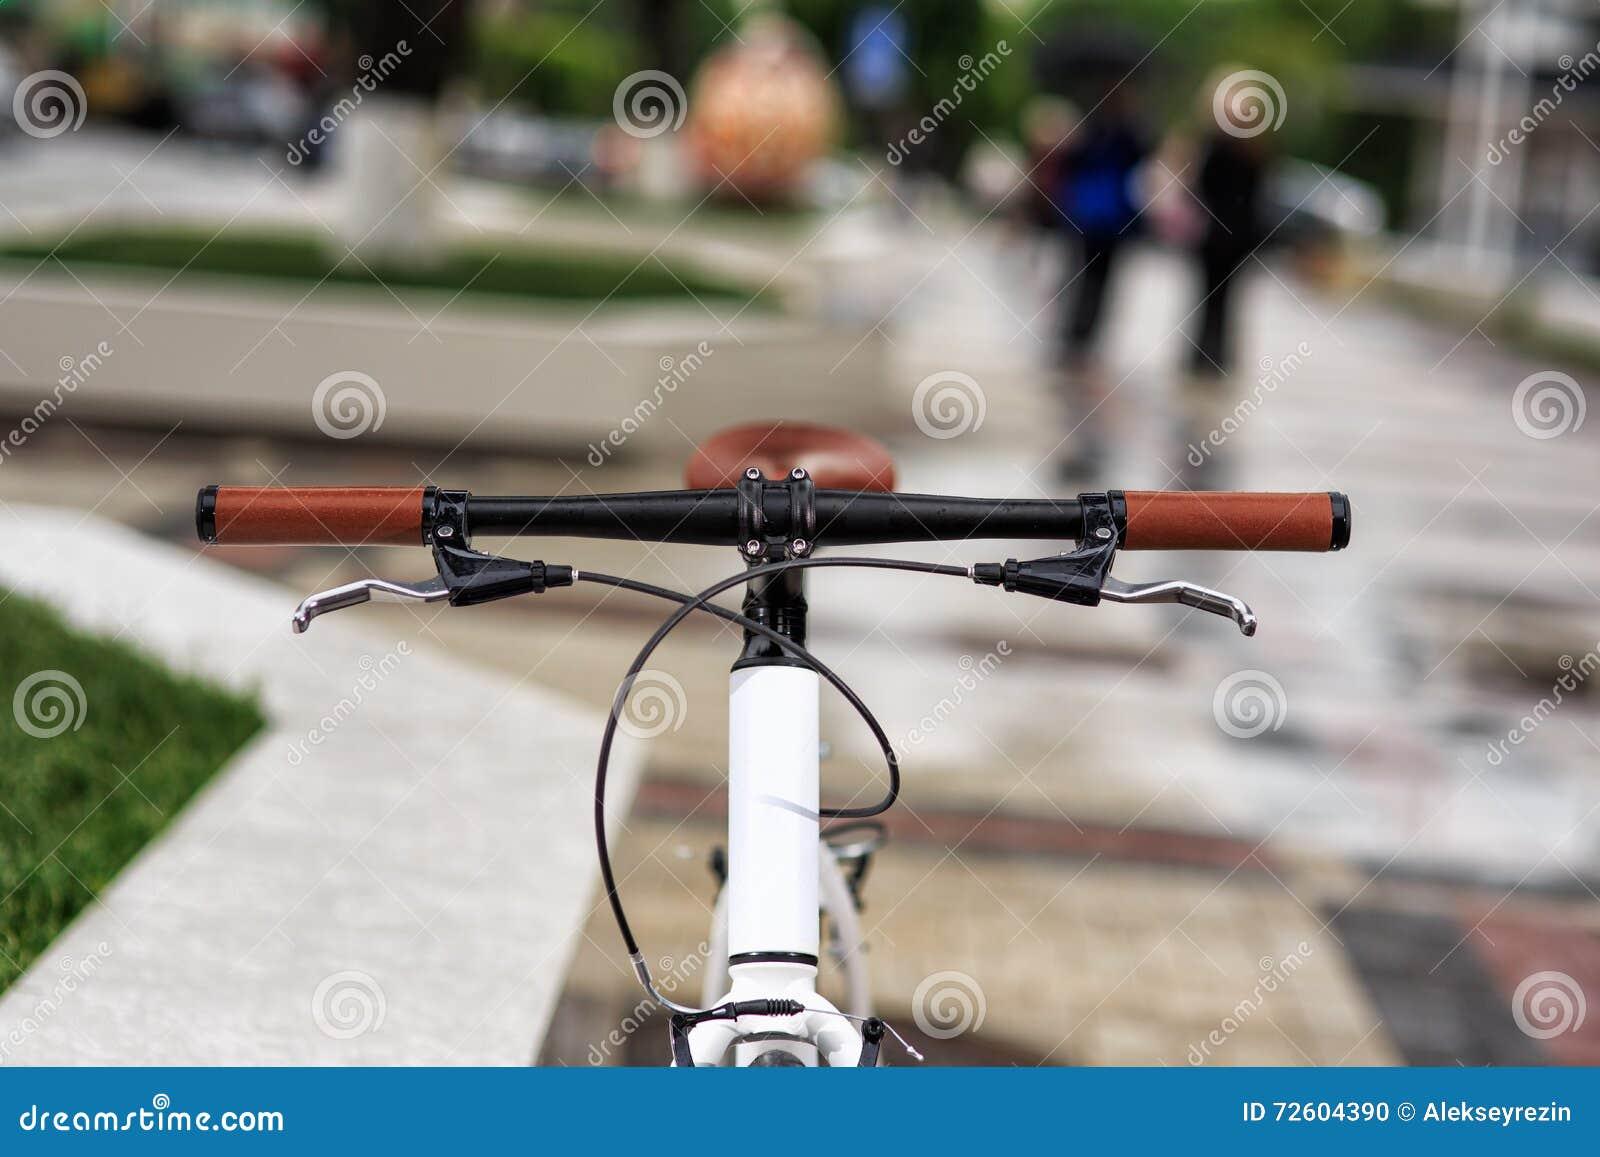 Bicicletta bianca dell fisso-ingranaggio sulla via